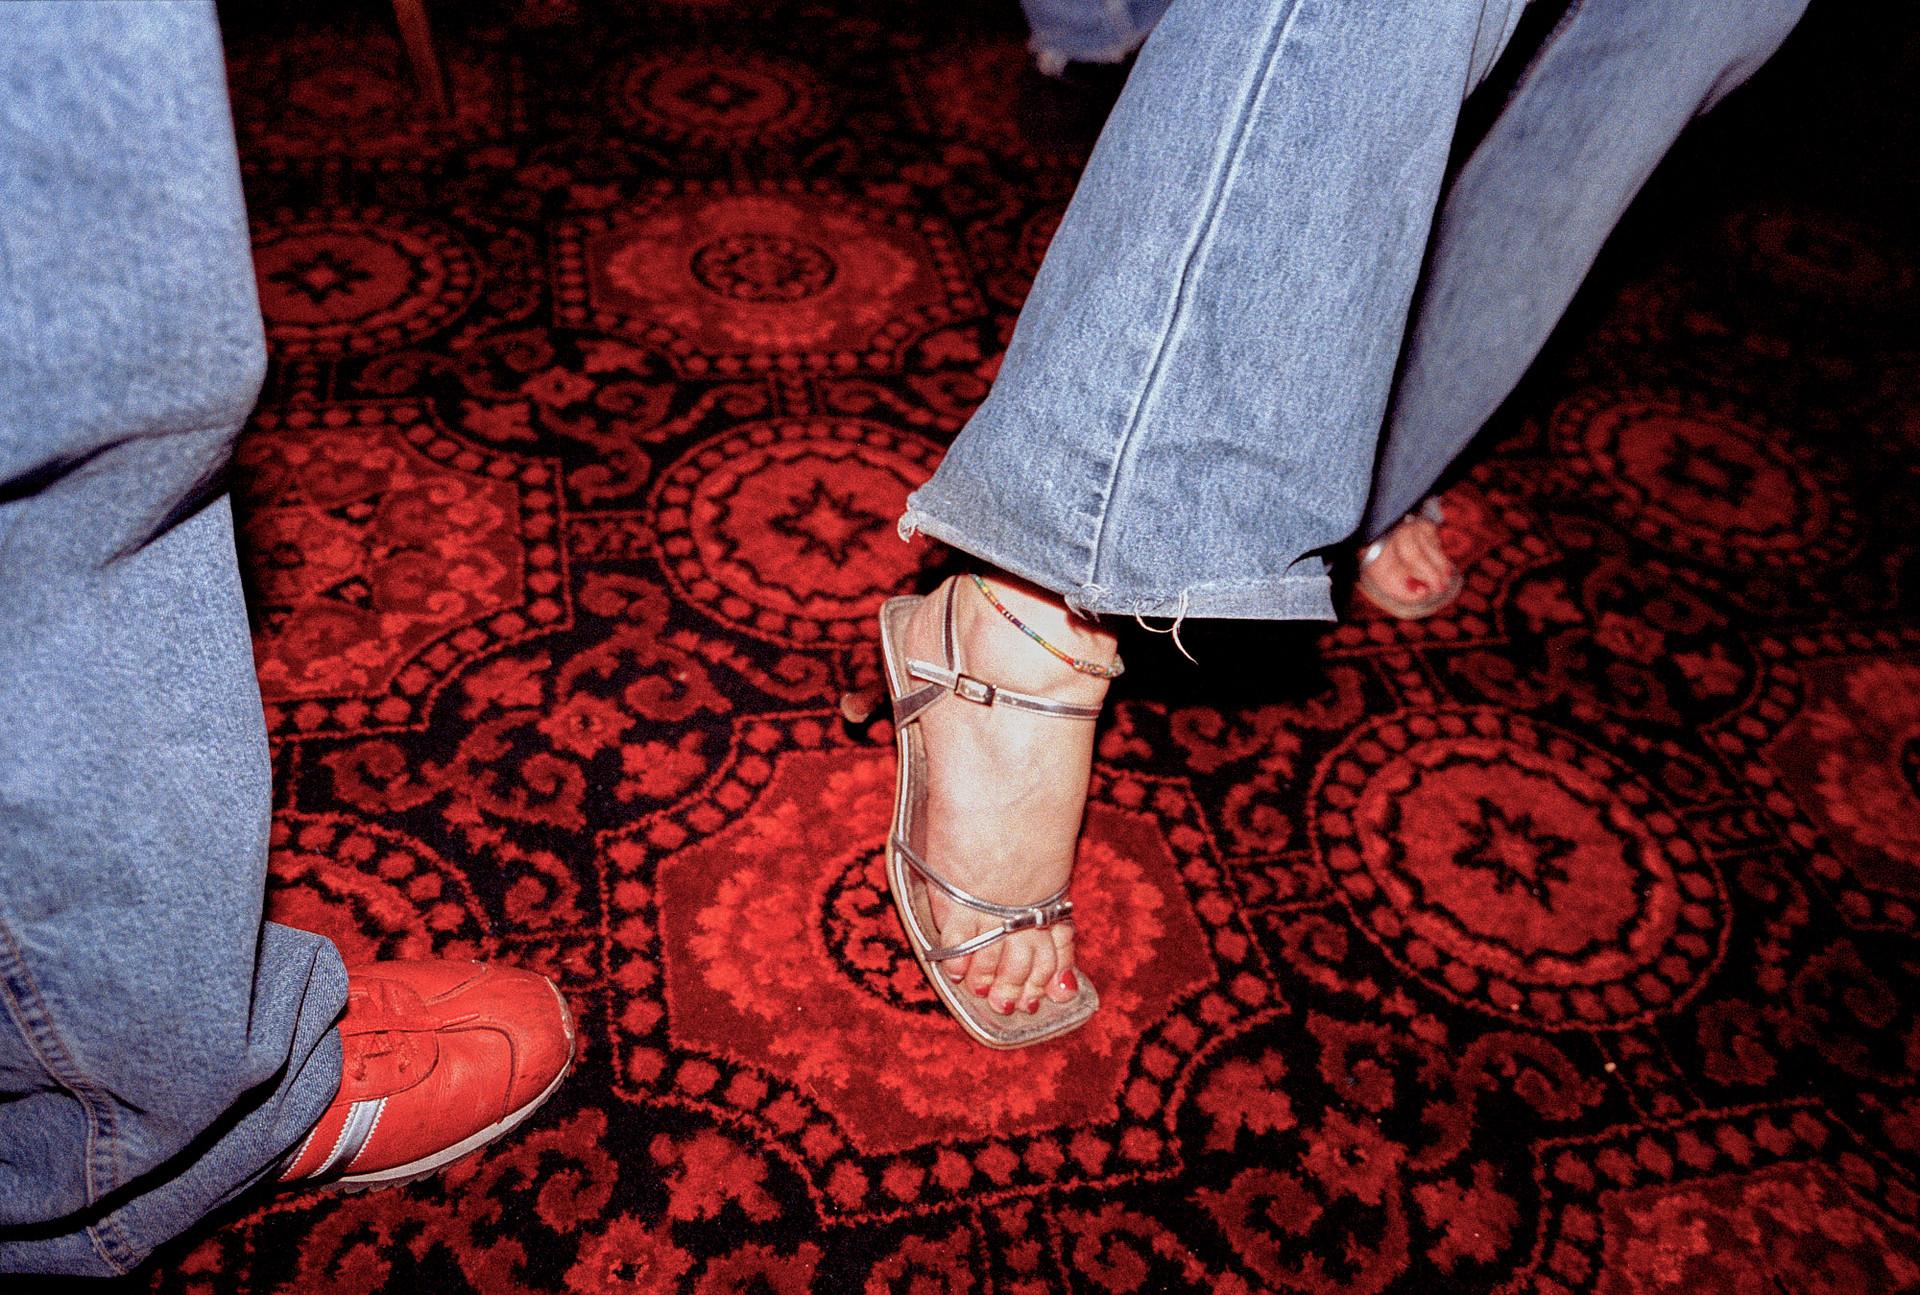 pub carpet